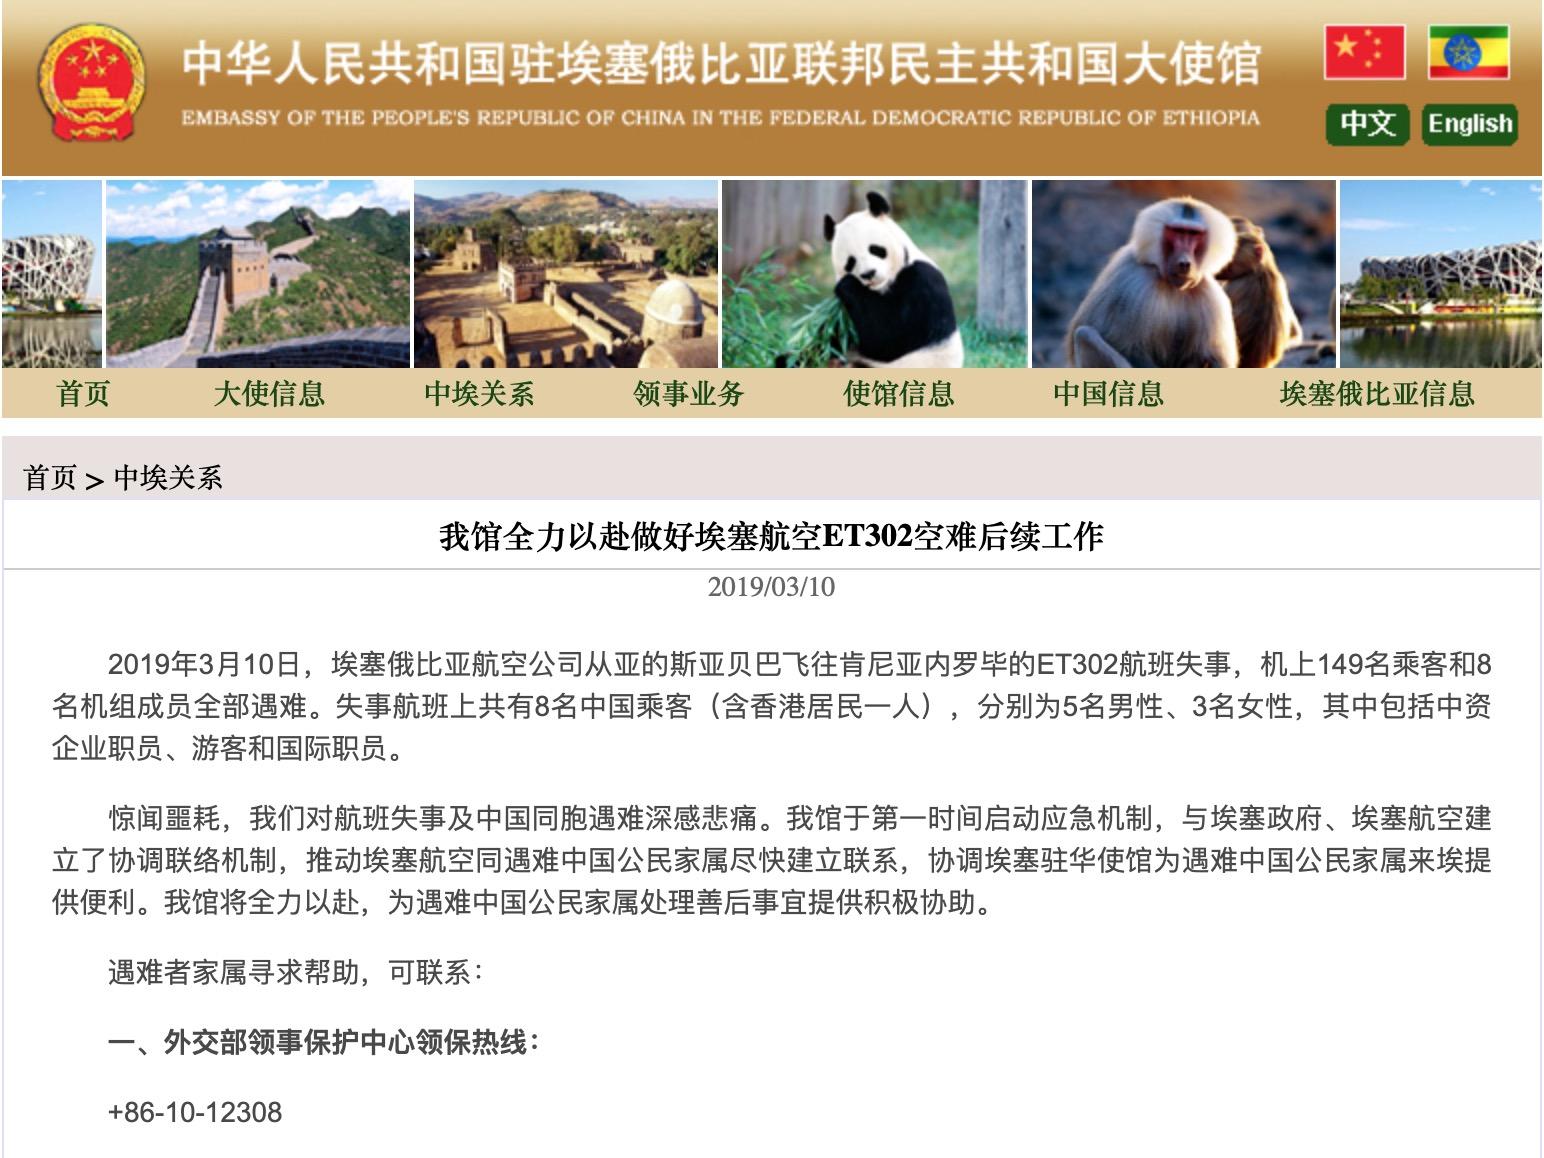 中国驻埃塞俄比亚父亲使馆就埃航空难颁布匹音皓